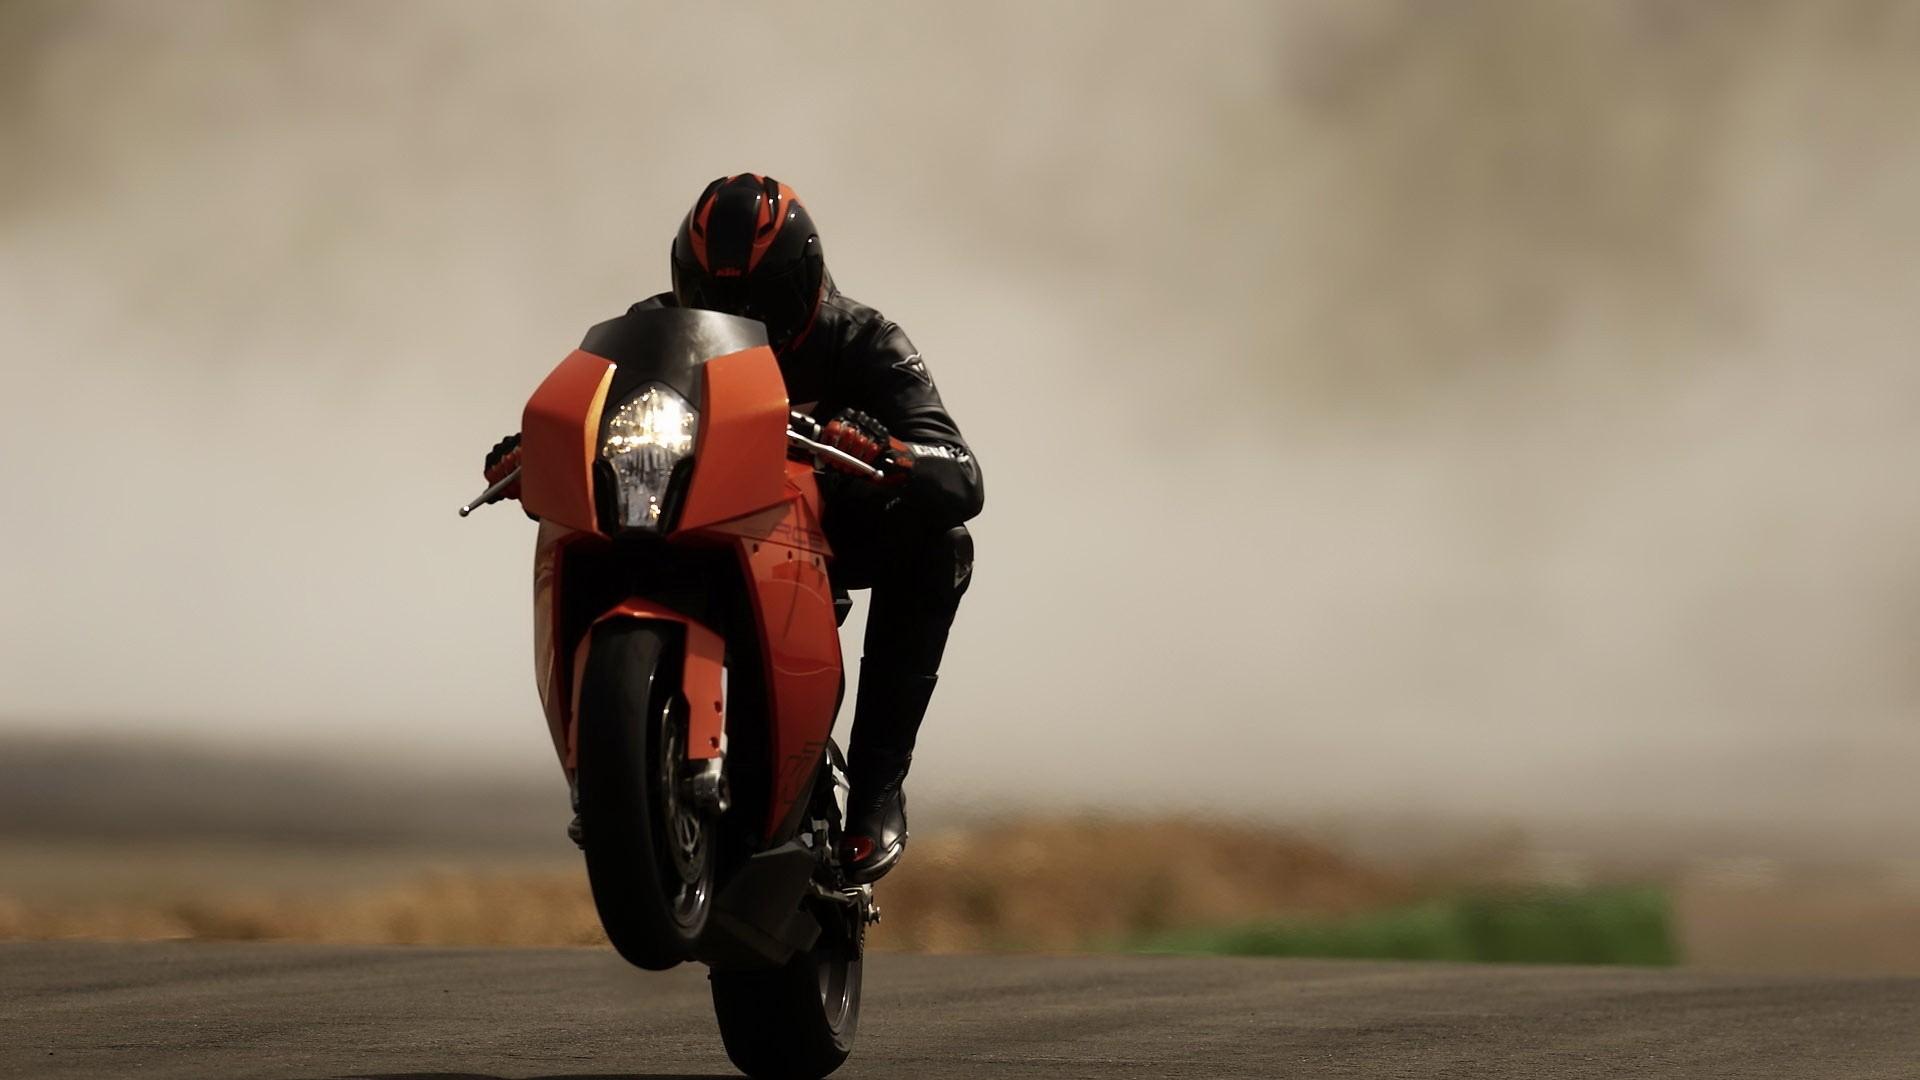 Motorbikes Wheelie Wallpaper  1920x1080 53997 WallpaperUP